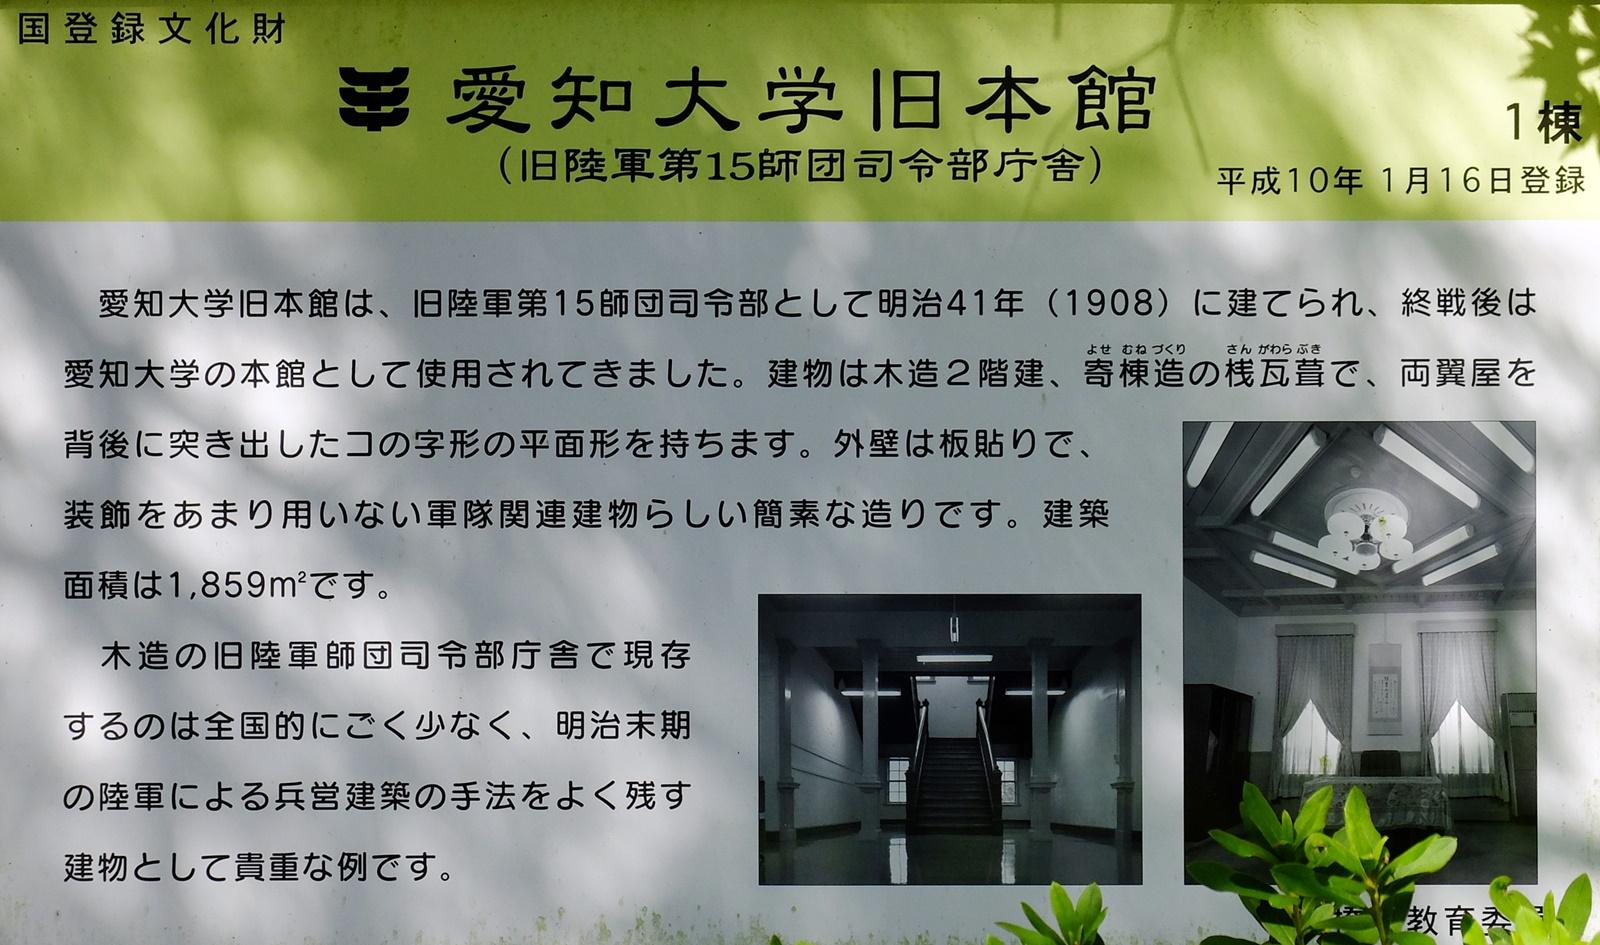 f:id:hiroro5:20161011101335j:plain